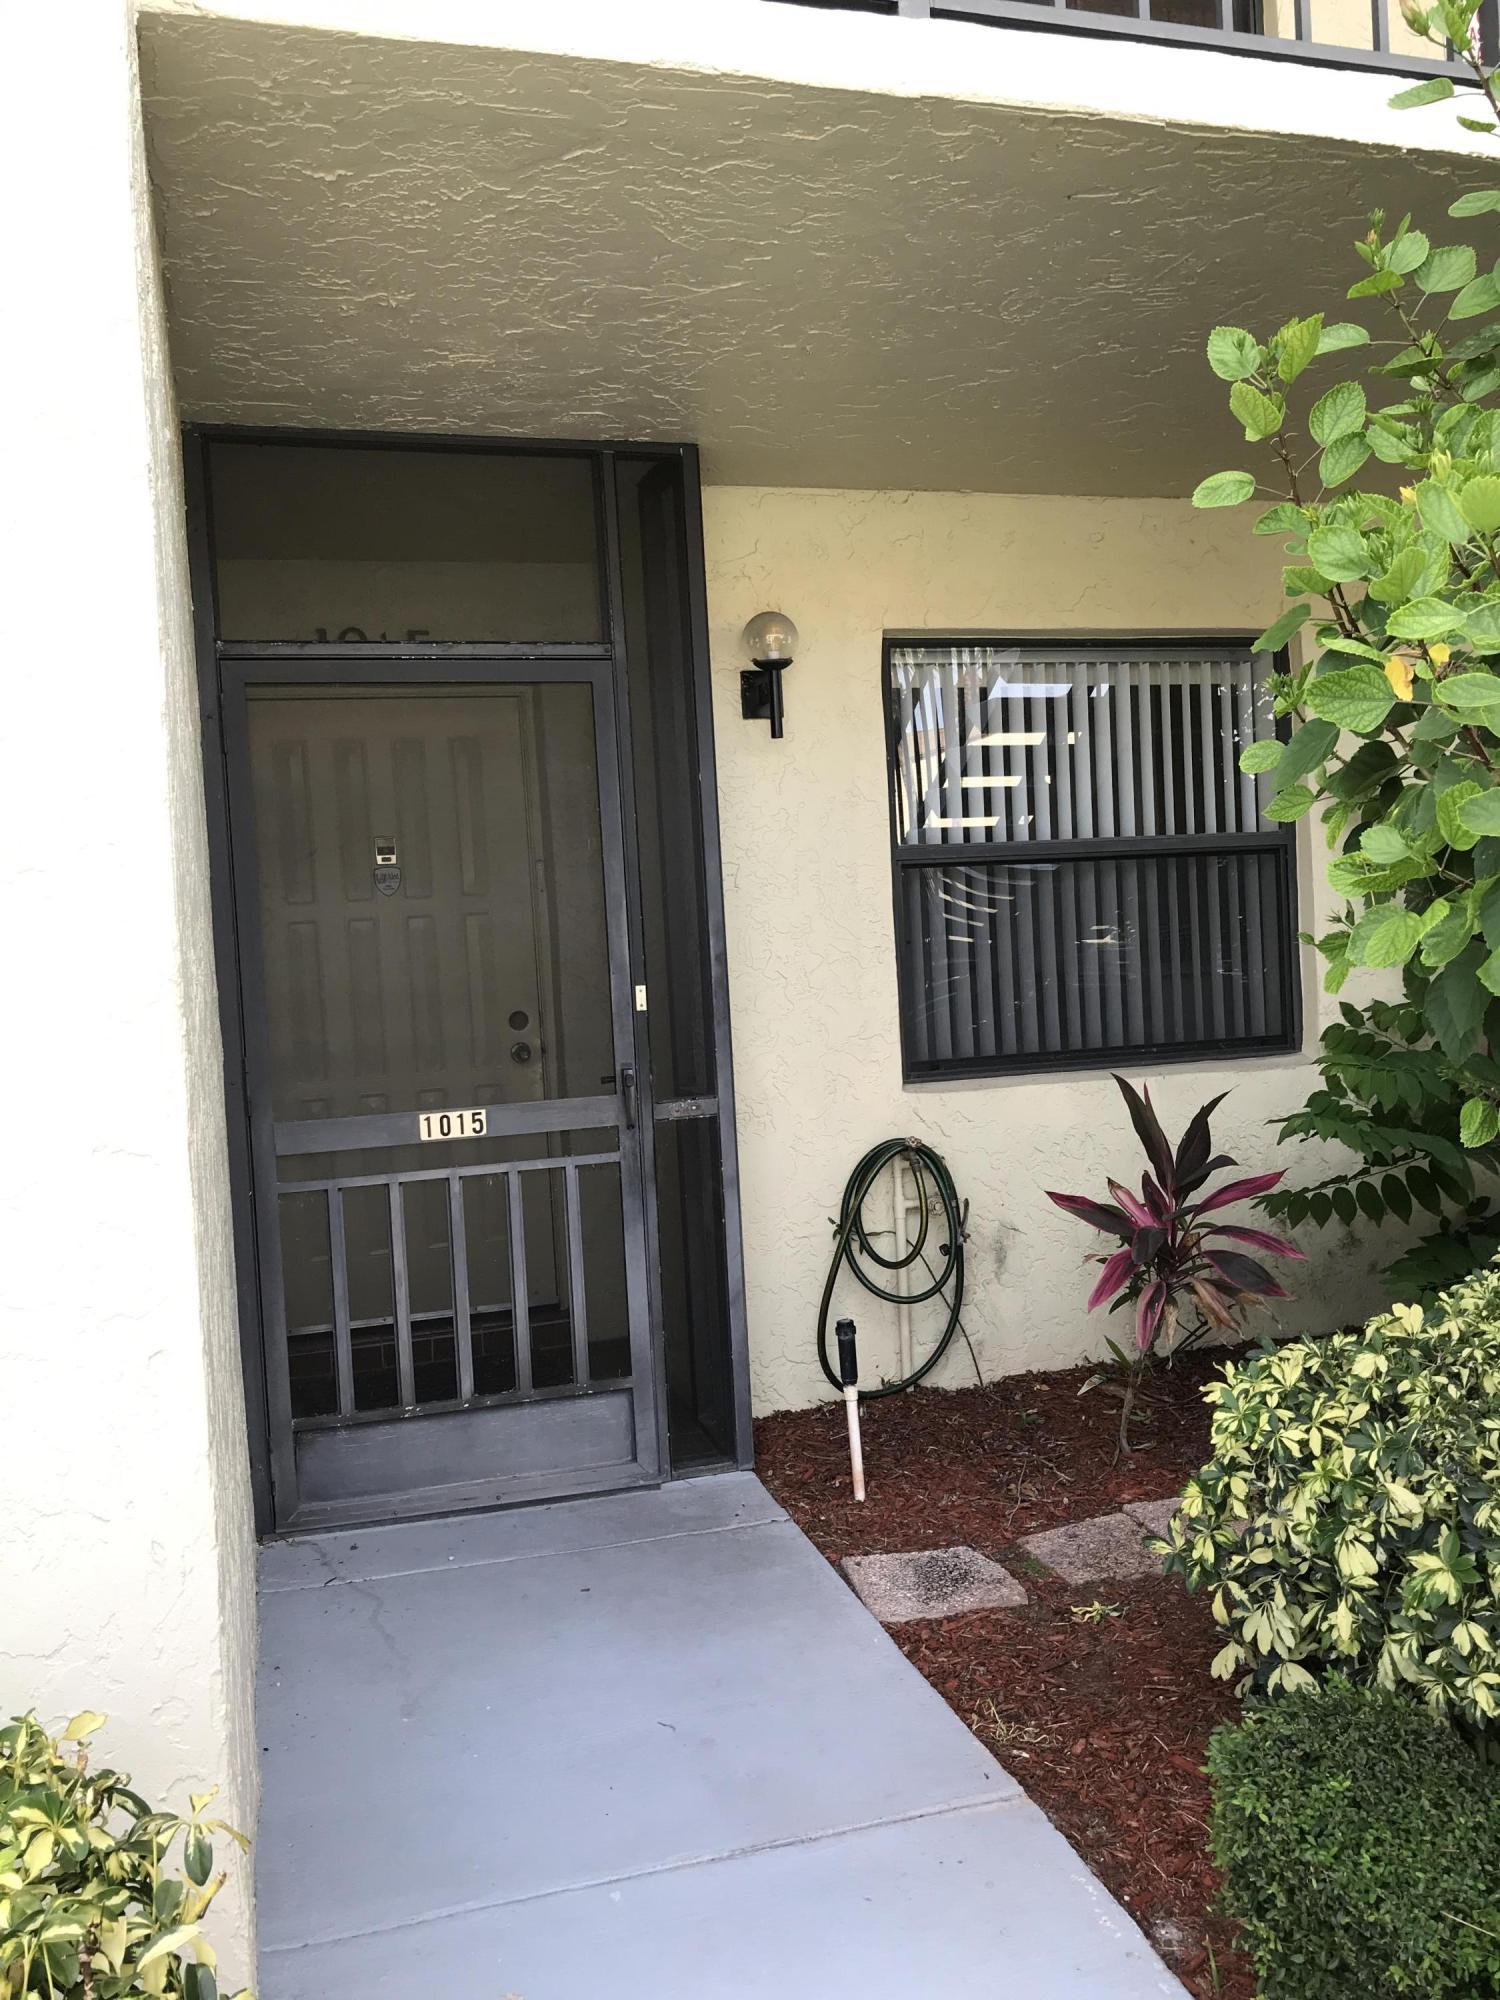 7891 Willow Spring Dr 1015 1015 Lake Worth, FL 33467